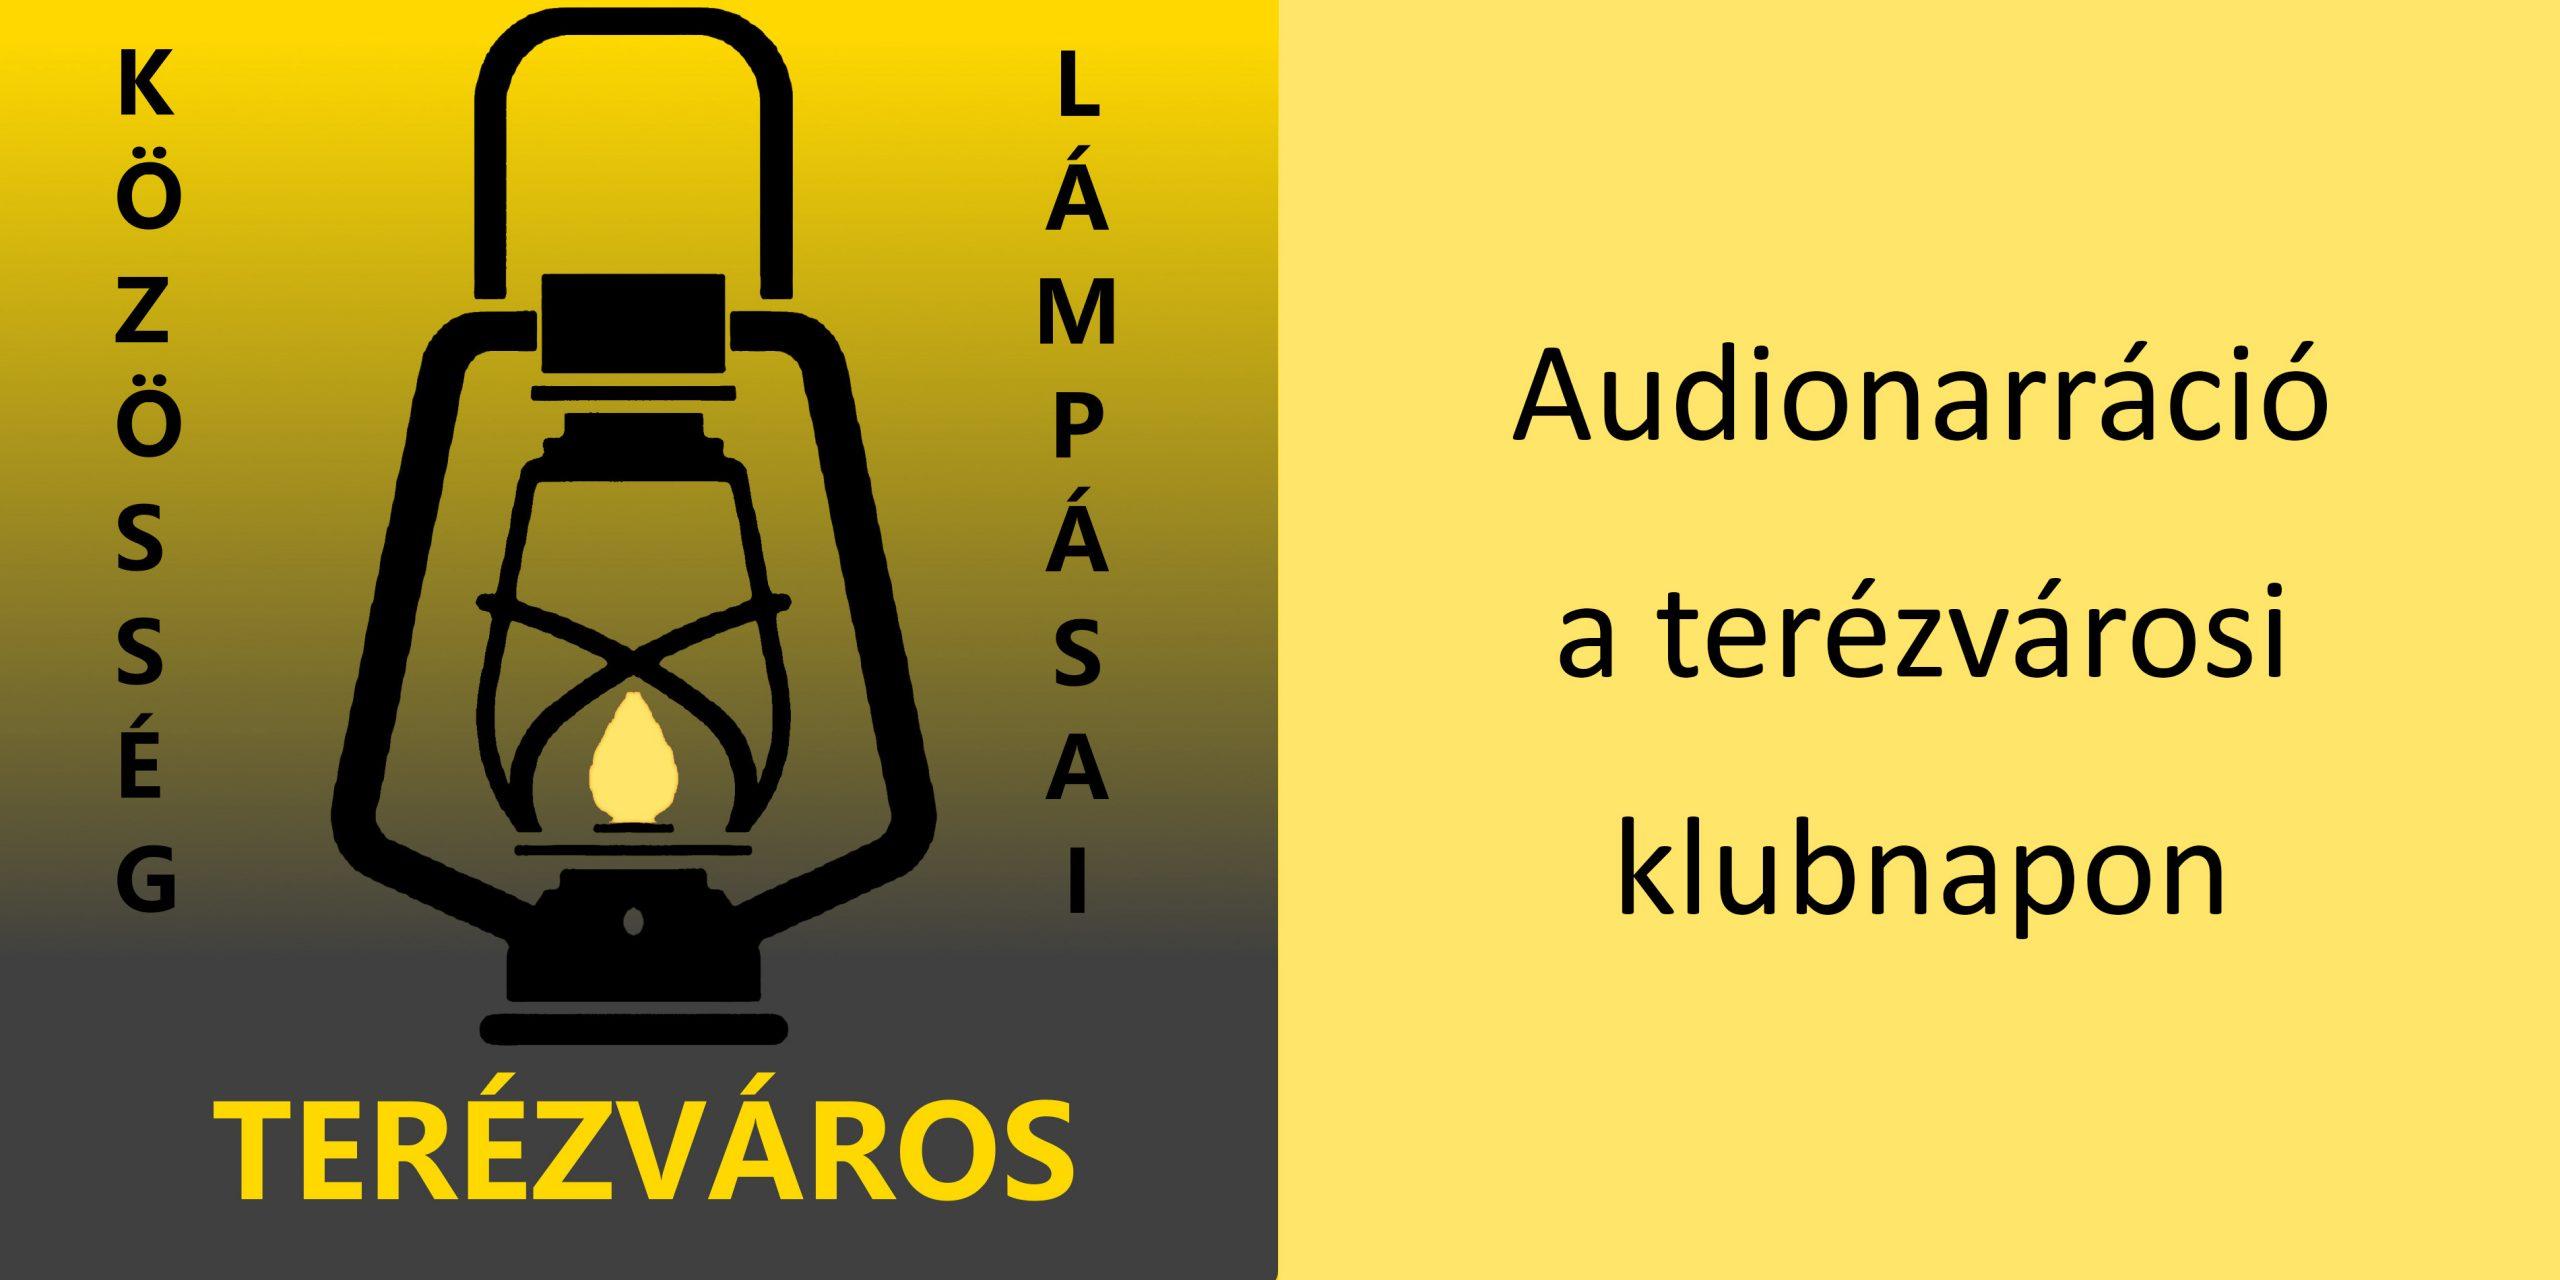 A fotó jobb oldalán sárga alapon fekete betűkkel a hír címe olvasható, a bal oldalon a terézvárosi Lámpás Klub logója látszik.